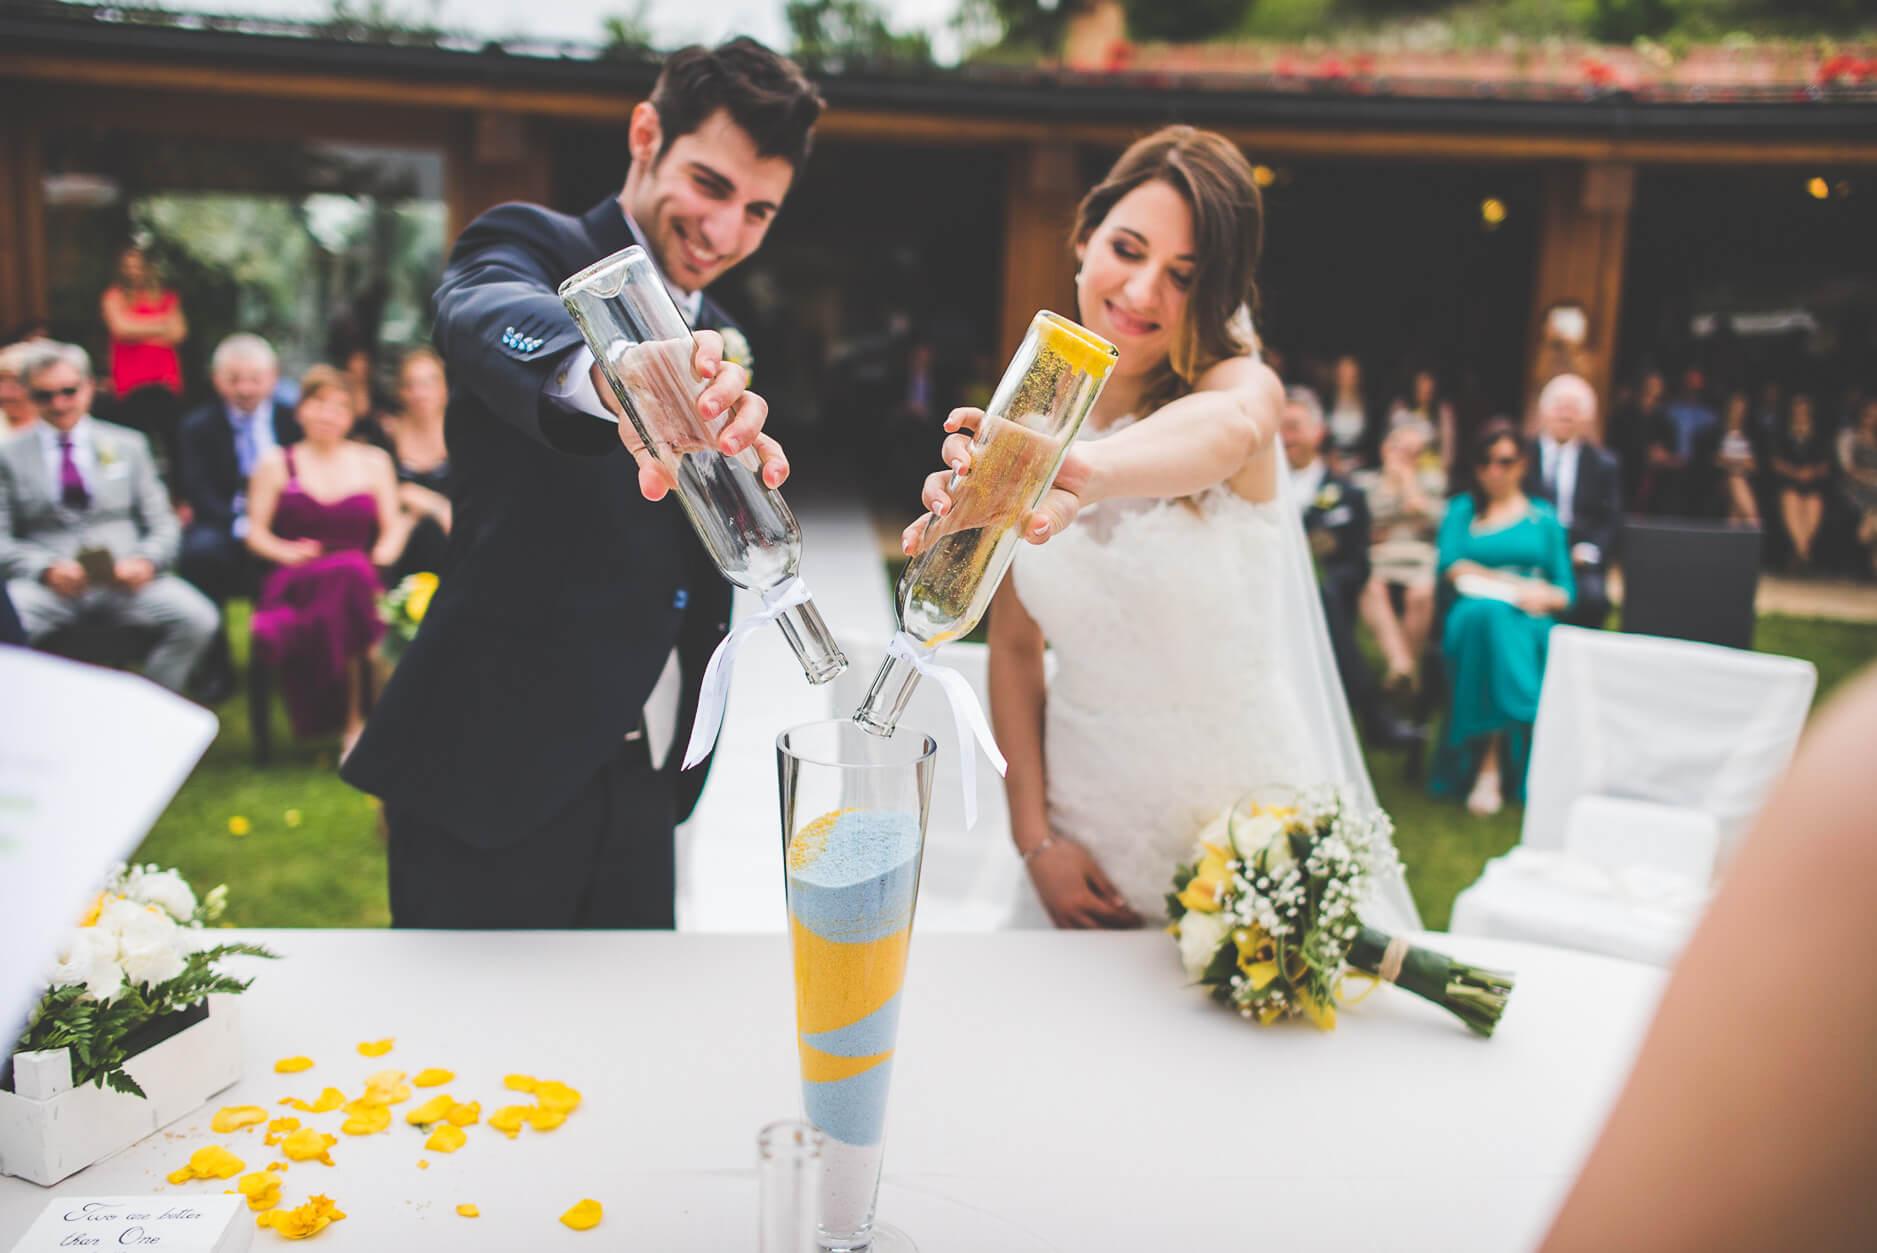 Matrimonio Simbolico In Chiesa : Matrimonio religioso sposarsi in chiesa matrimonio in chiesale